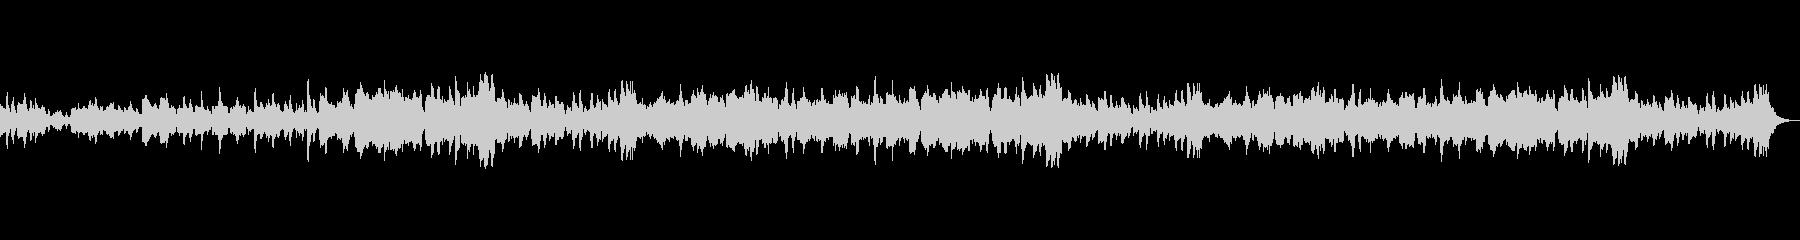 昭和のワルツ-1=アコーディオン・弦の未再生の波形